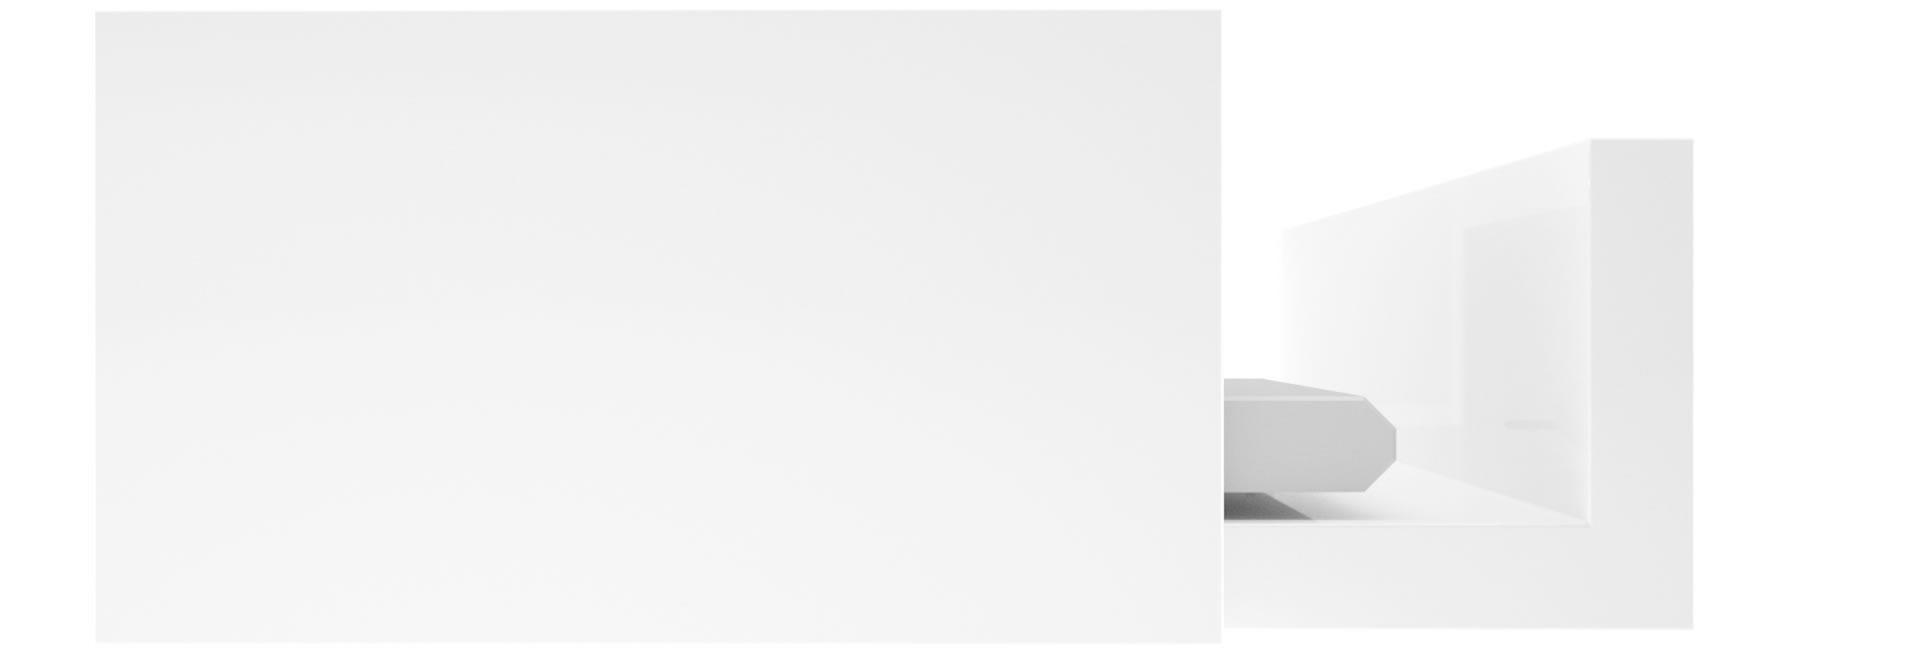 Beautiful Nachttisch Weisser Hochglanz Lack Poliert Design Nachttisch In  Modernem Weissen Design With Nachttisch Schrank Wei Hochglanz